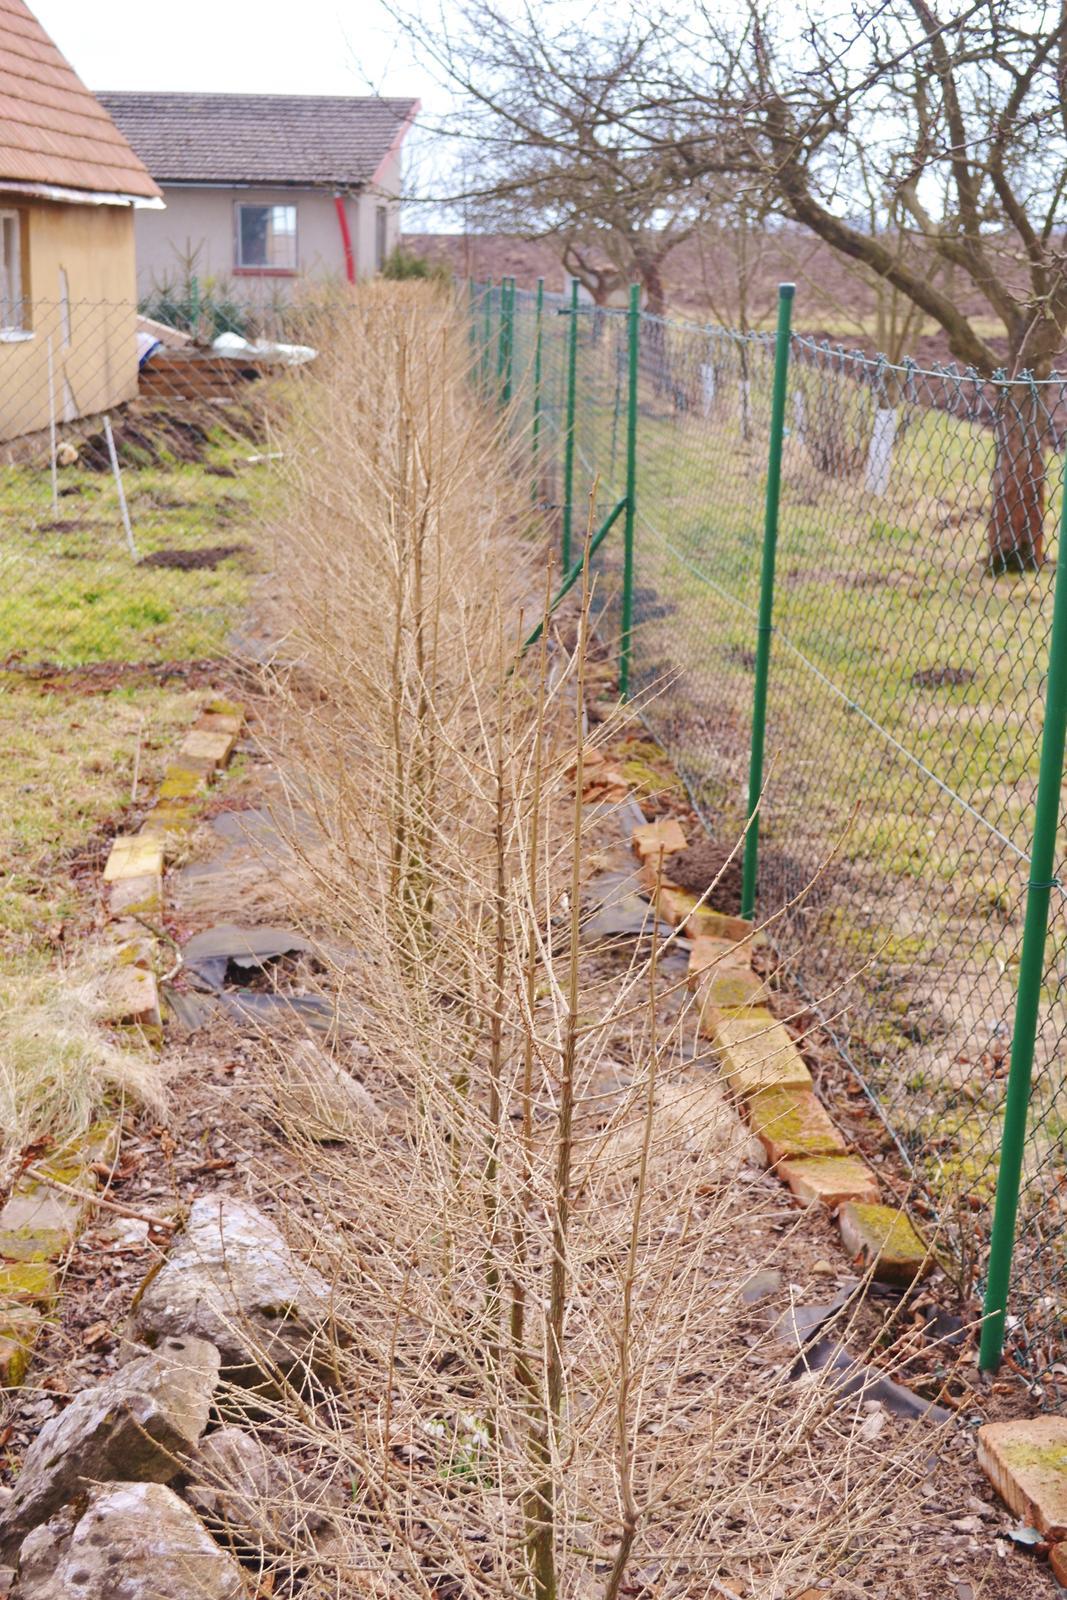 Naše chaloupka a zahrádka - ualááááá a plot po 2 letech 160 cm vysoký